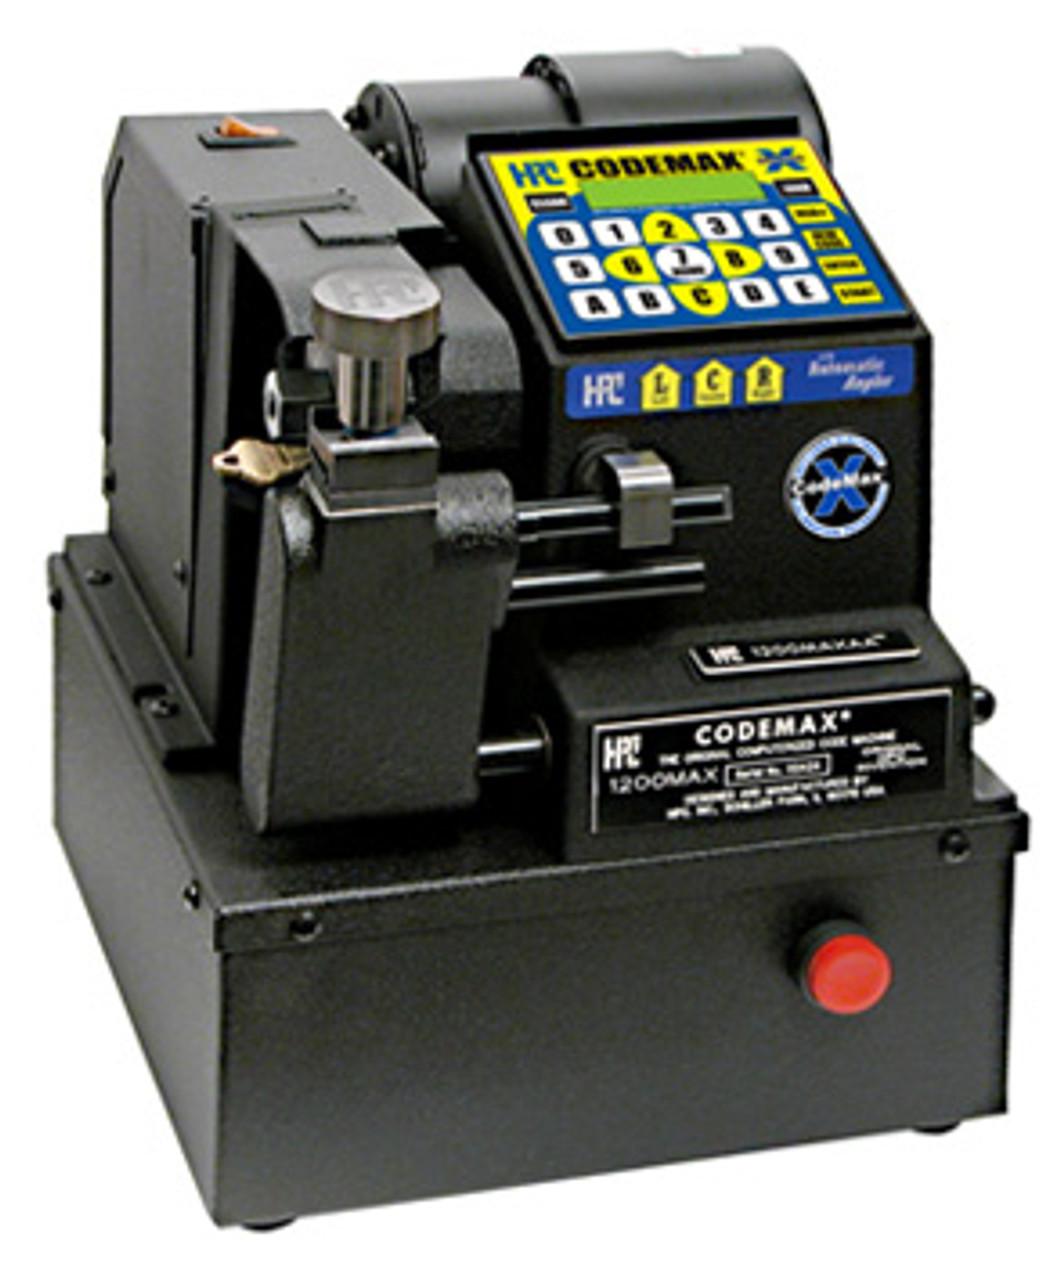 1200MAXAA HPC CodeMax Code Machine with automatic angler